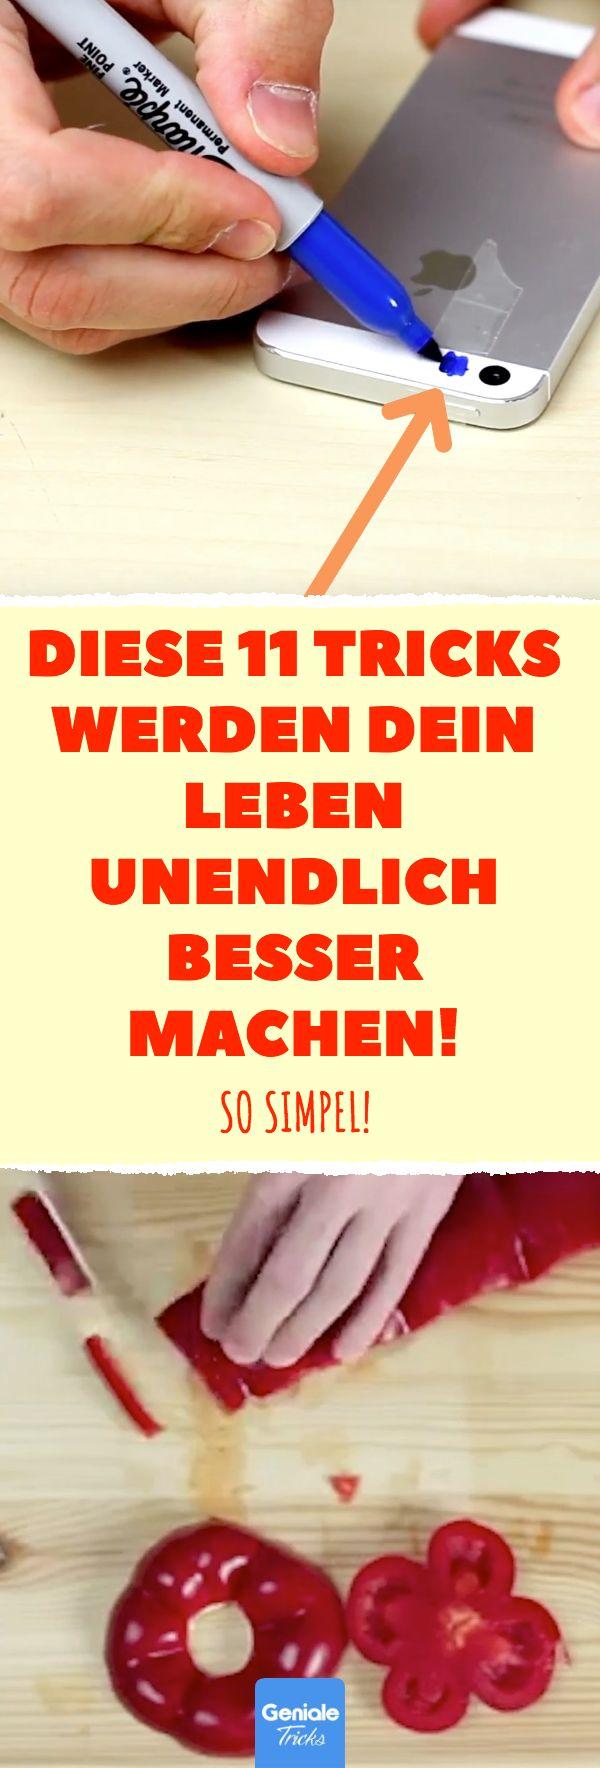 Diese 11 Tricks werden dein Leben unendlich besser machen! So simpel! #lifehacks…